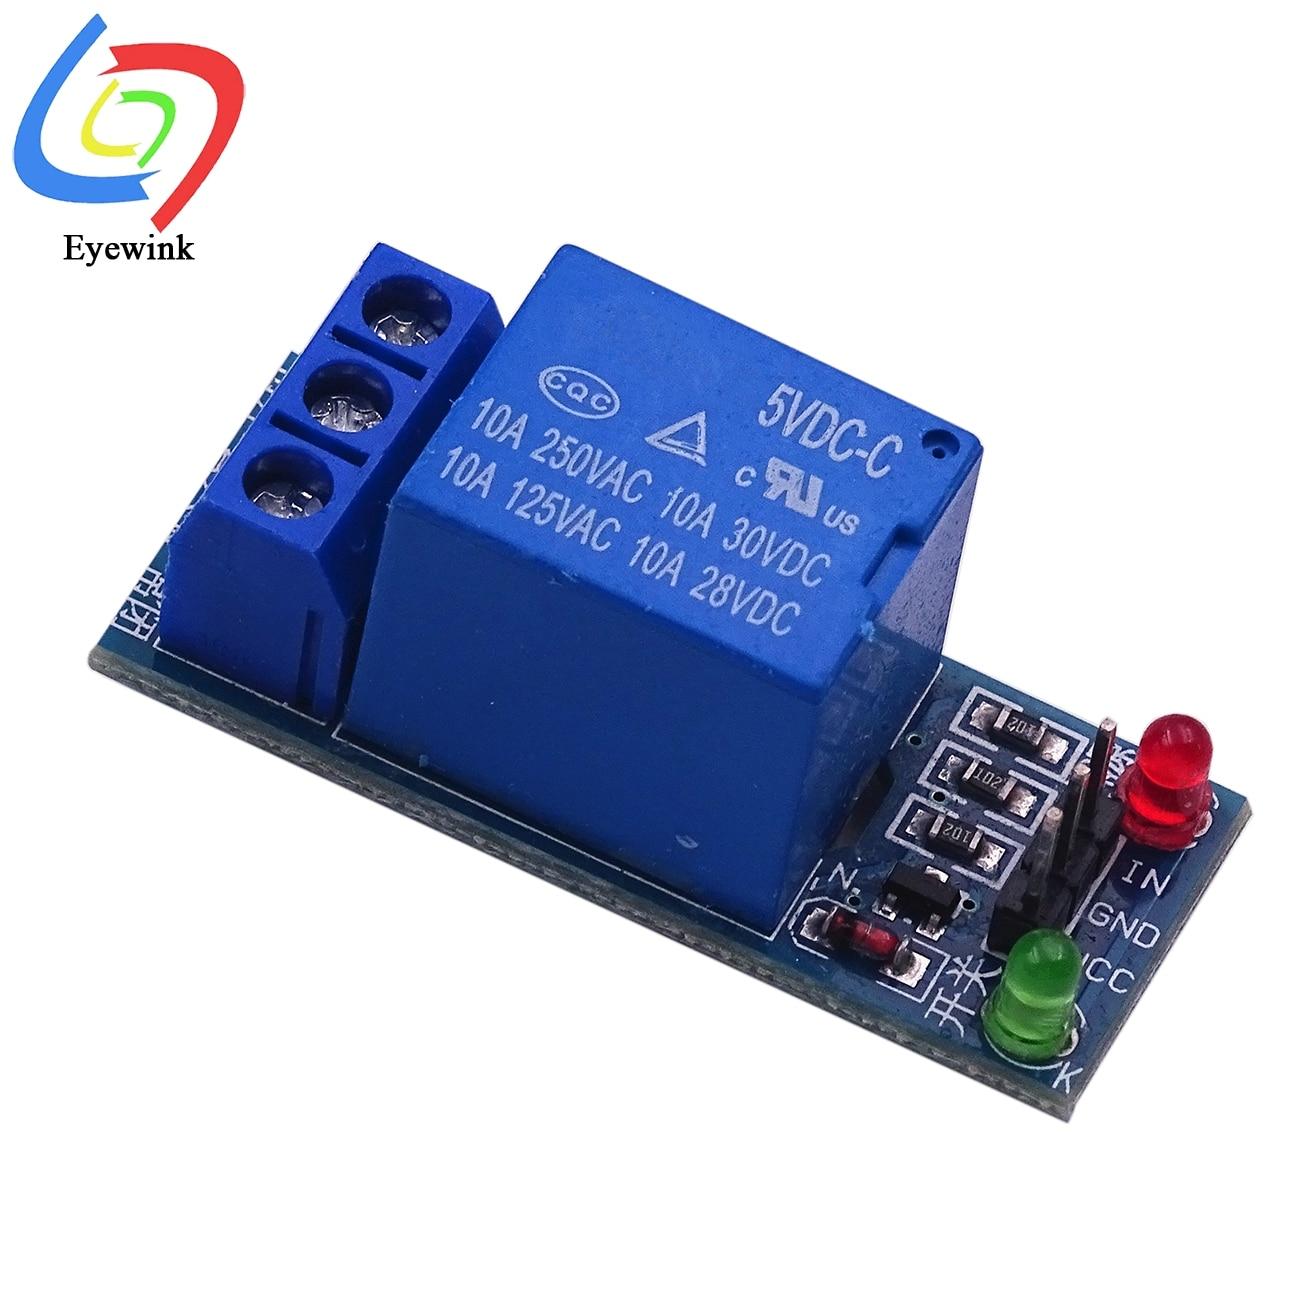 Плата интерфейса 1-канального релейного модуля щит для Arduino 5 В/12 В/24 В низкоуровневый триггер One PIC AVR DSP ARM MCU DC AC 220 В